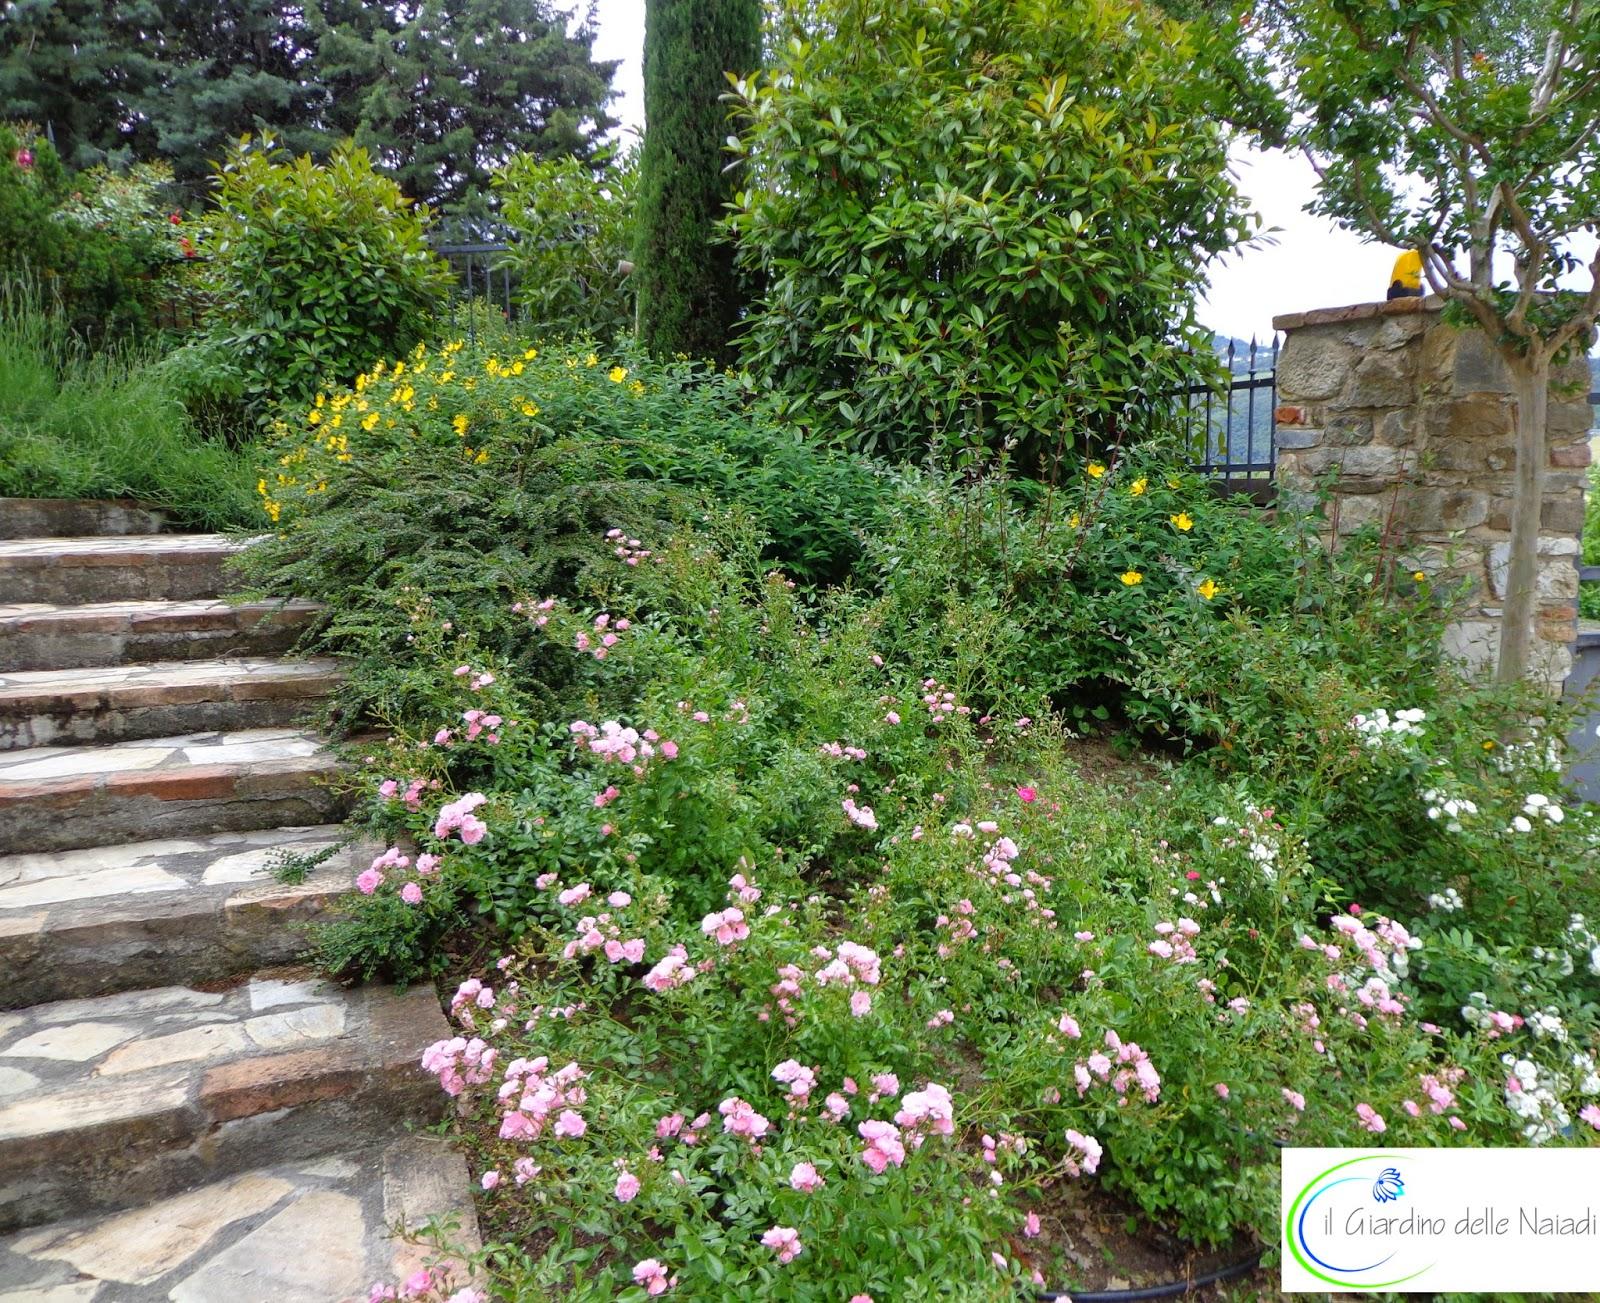 Il giardino delle naiadi un giardino in stile provenzale - Foto di giardini fioriti ...